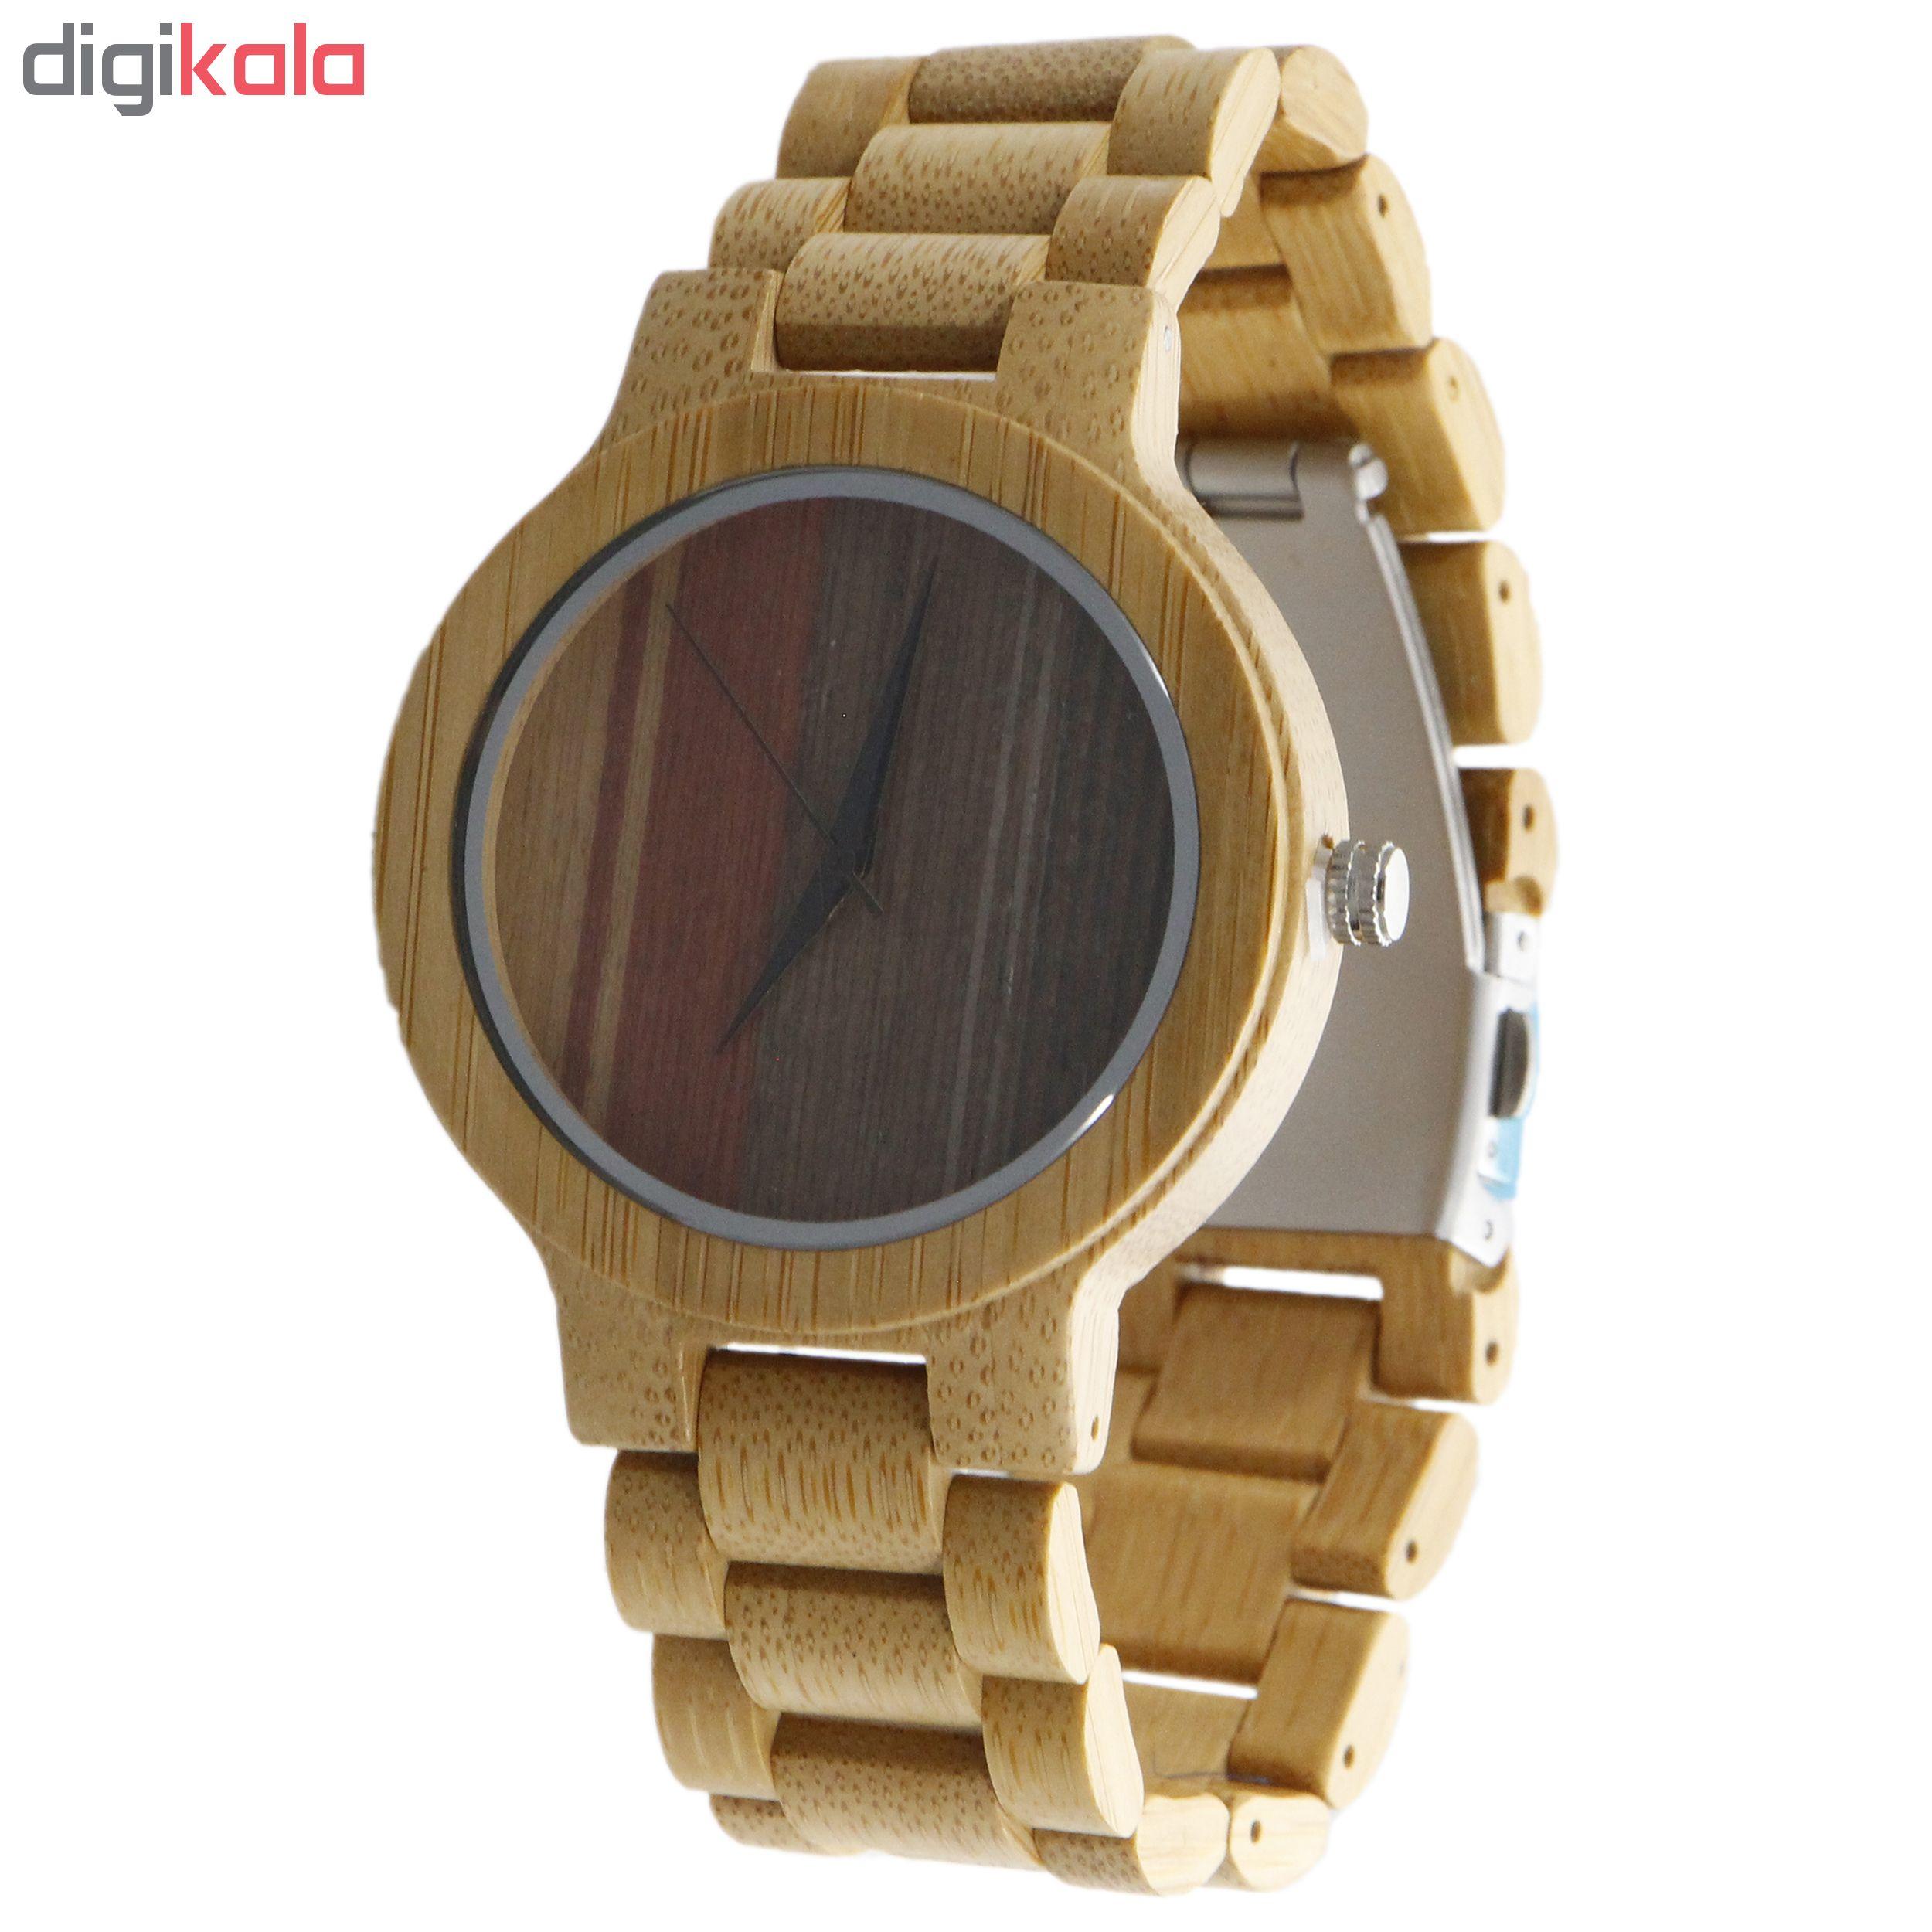 ساعت مچی چوبی عقربه ای - کد BMK28